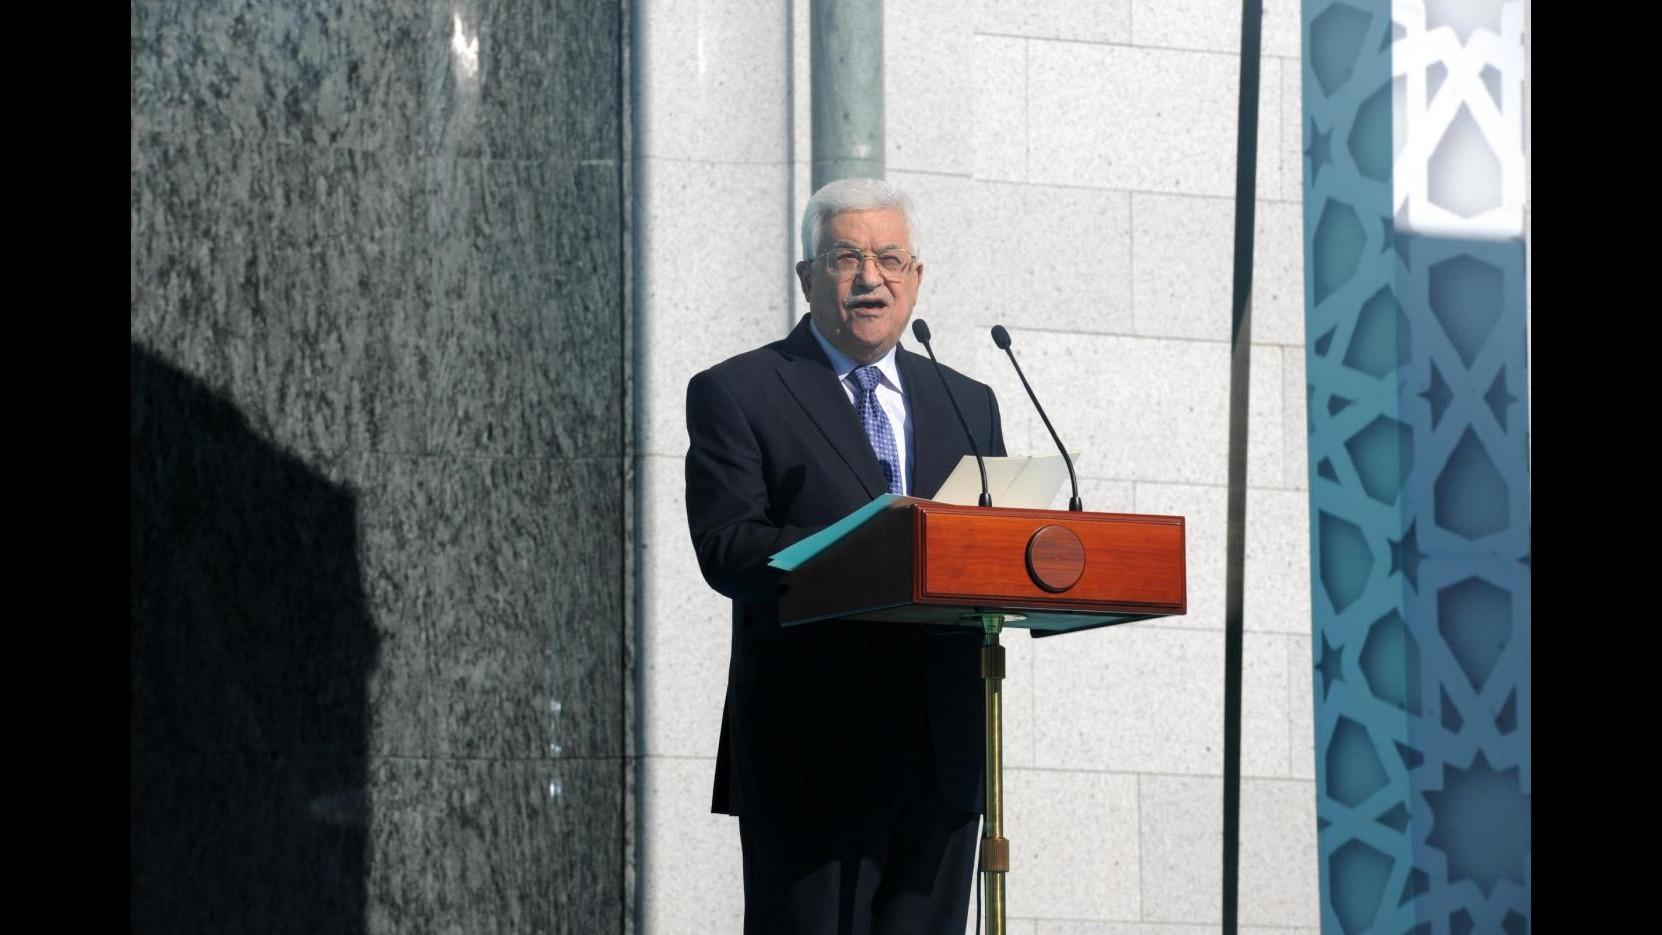 Onu, Abbas: Palestina non è più vincolata al rispetto degli accordi di Oslo